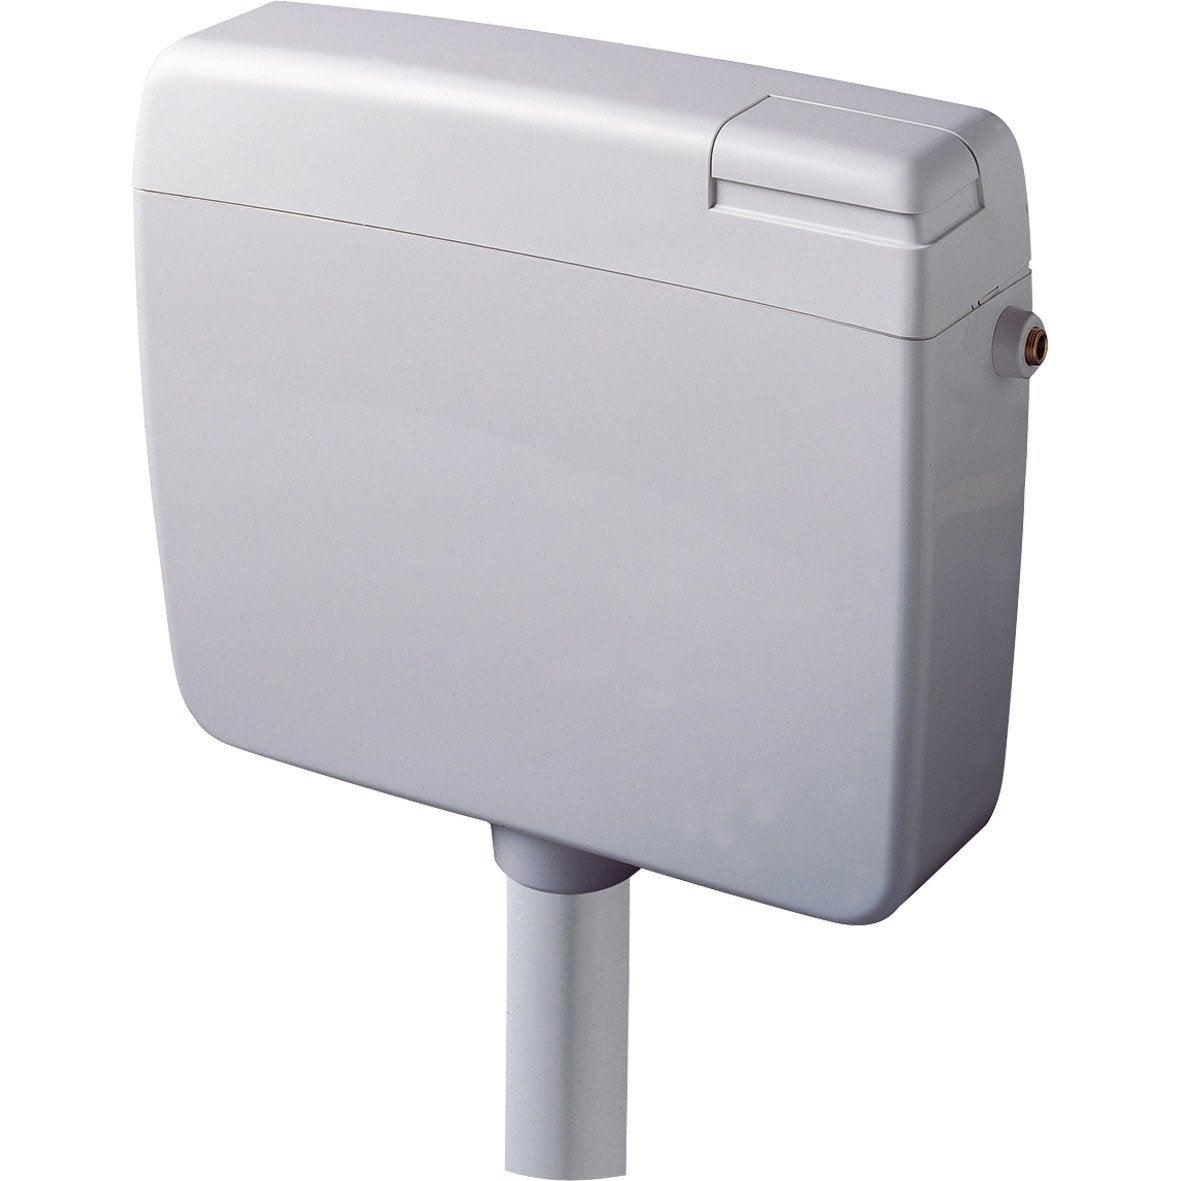 Réservoir semibas WC SIAMP Extraplat  Leroy Merlin